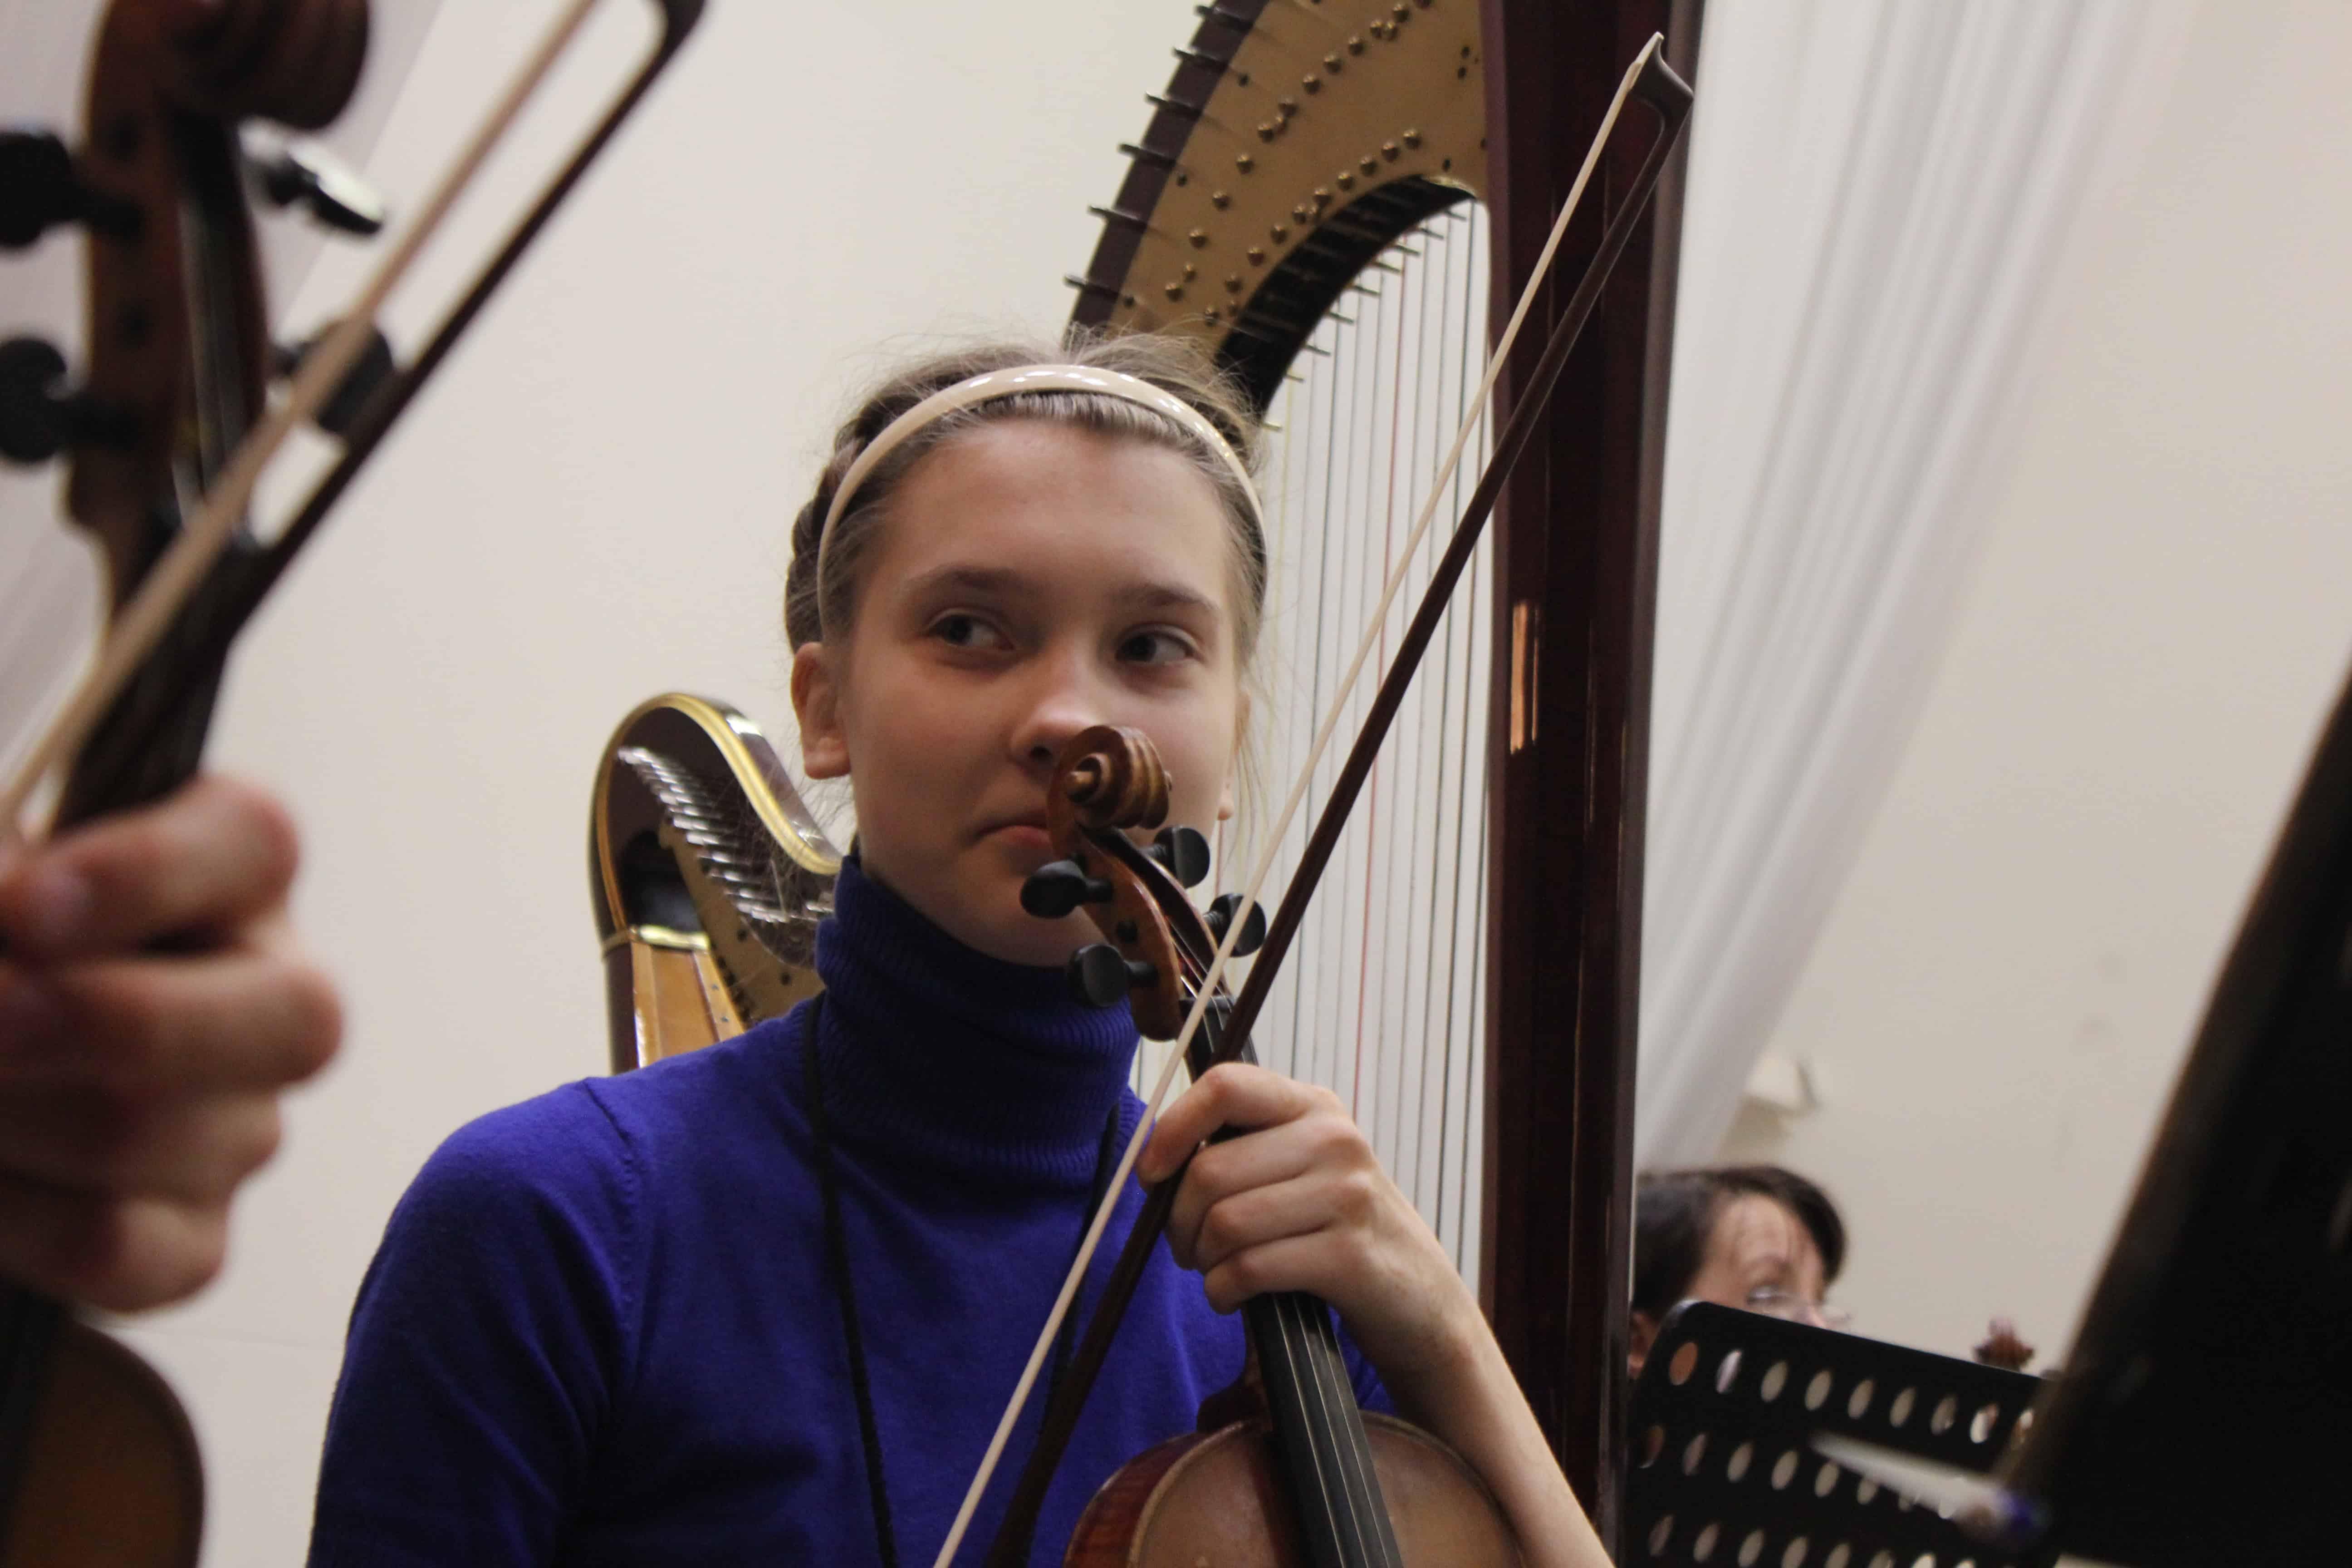 В Карельской филармонии впервые пройдёт фестиваль «Концертино»